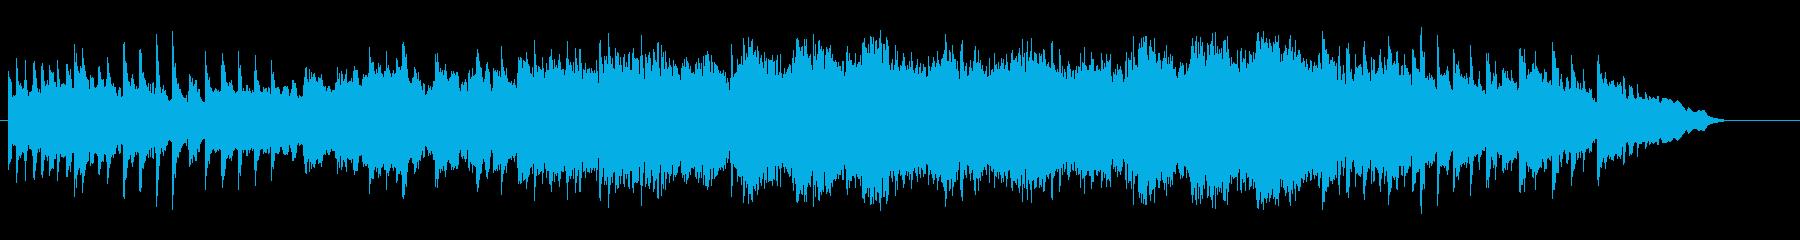 ほんのり感傷的なムード漂うラヴ・バラードの再生済みの波形